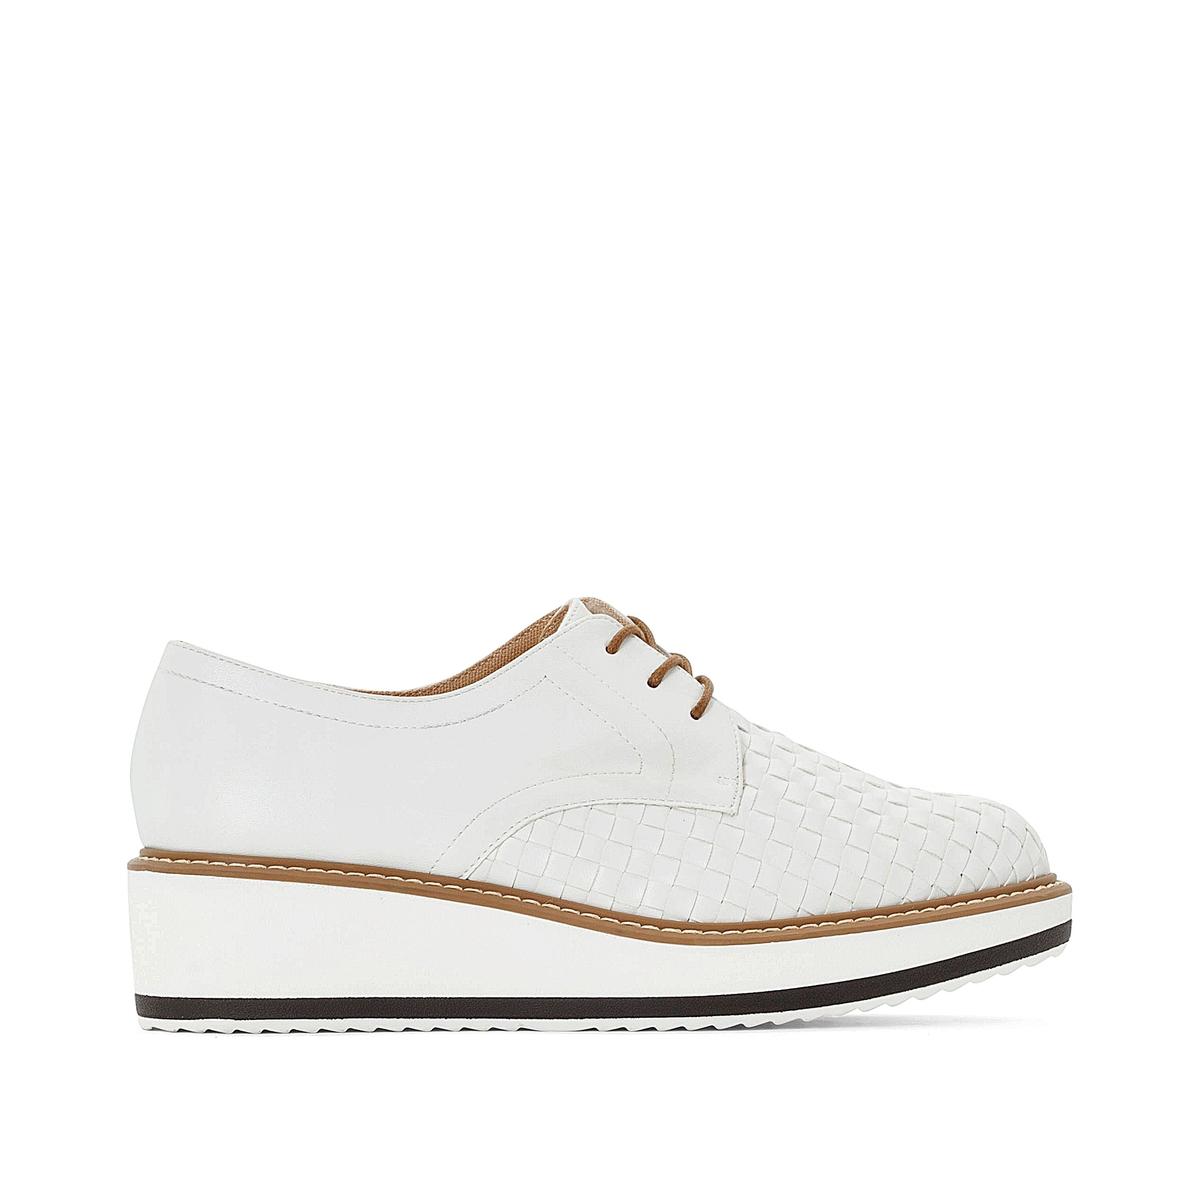 Ботинки-дерби La Redoute На шнуровке с круглым мыском 41 белый ботинки la redoute на шнуровке 38 белый